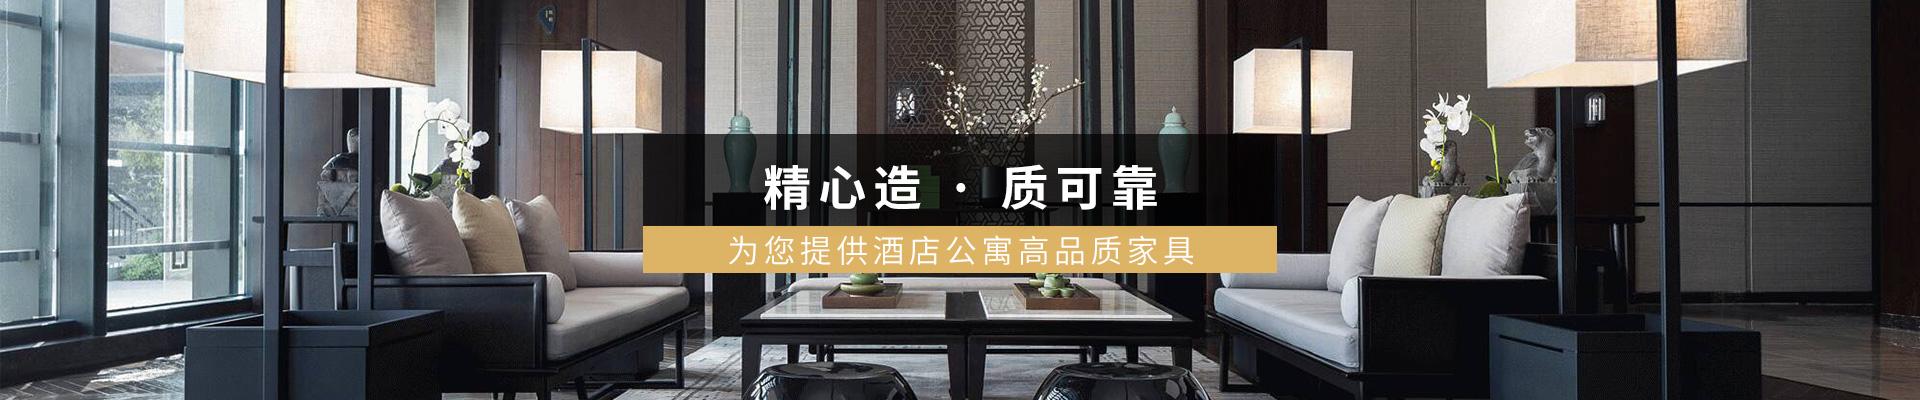 为您提供酒店公寓高品质的家具-智兴家具